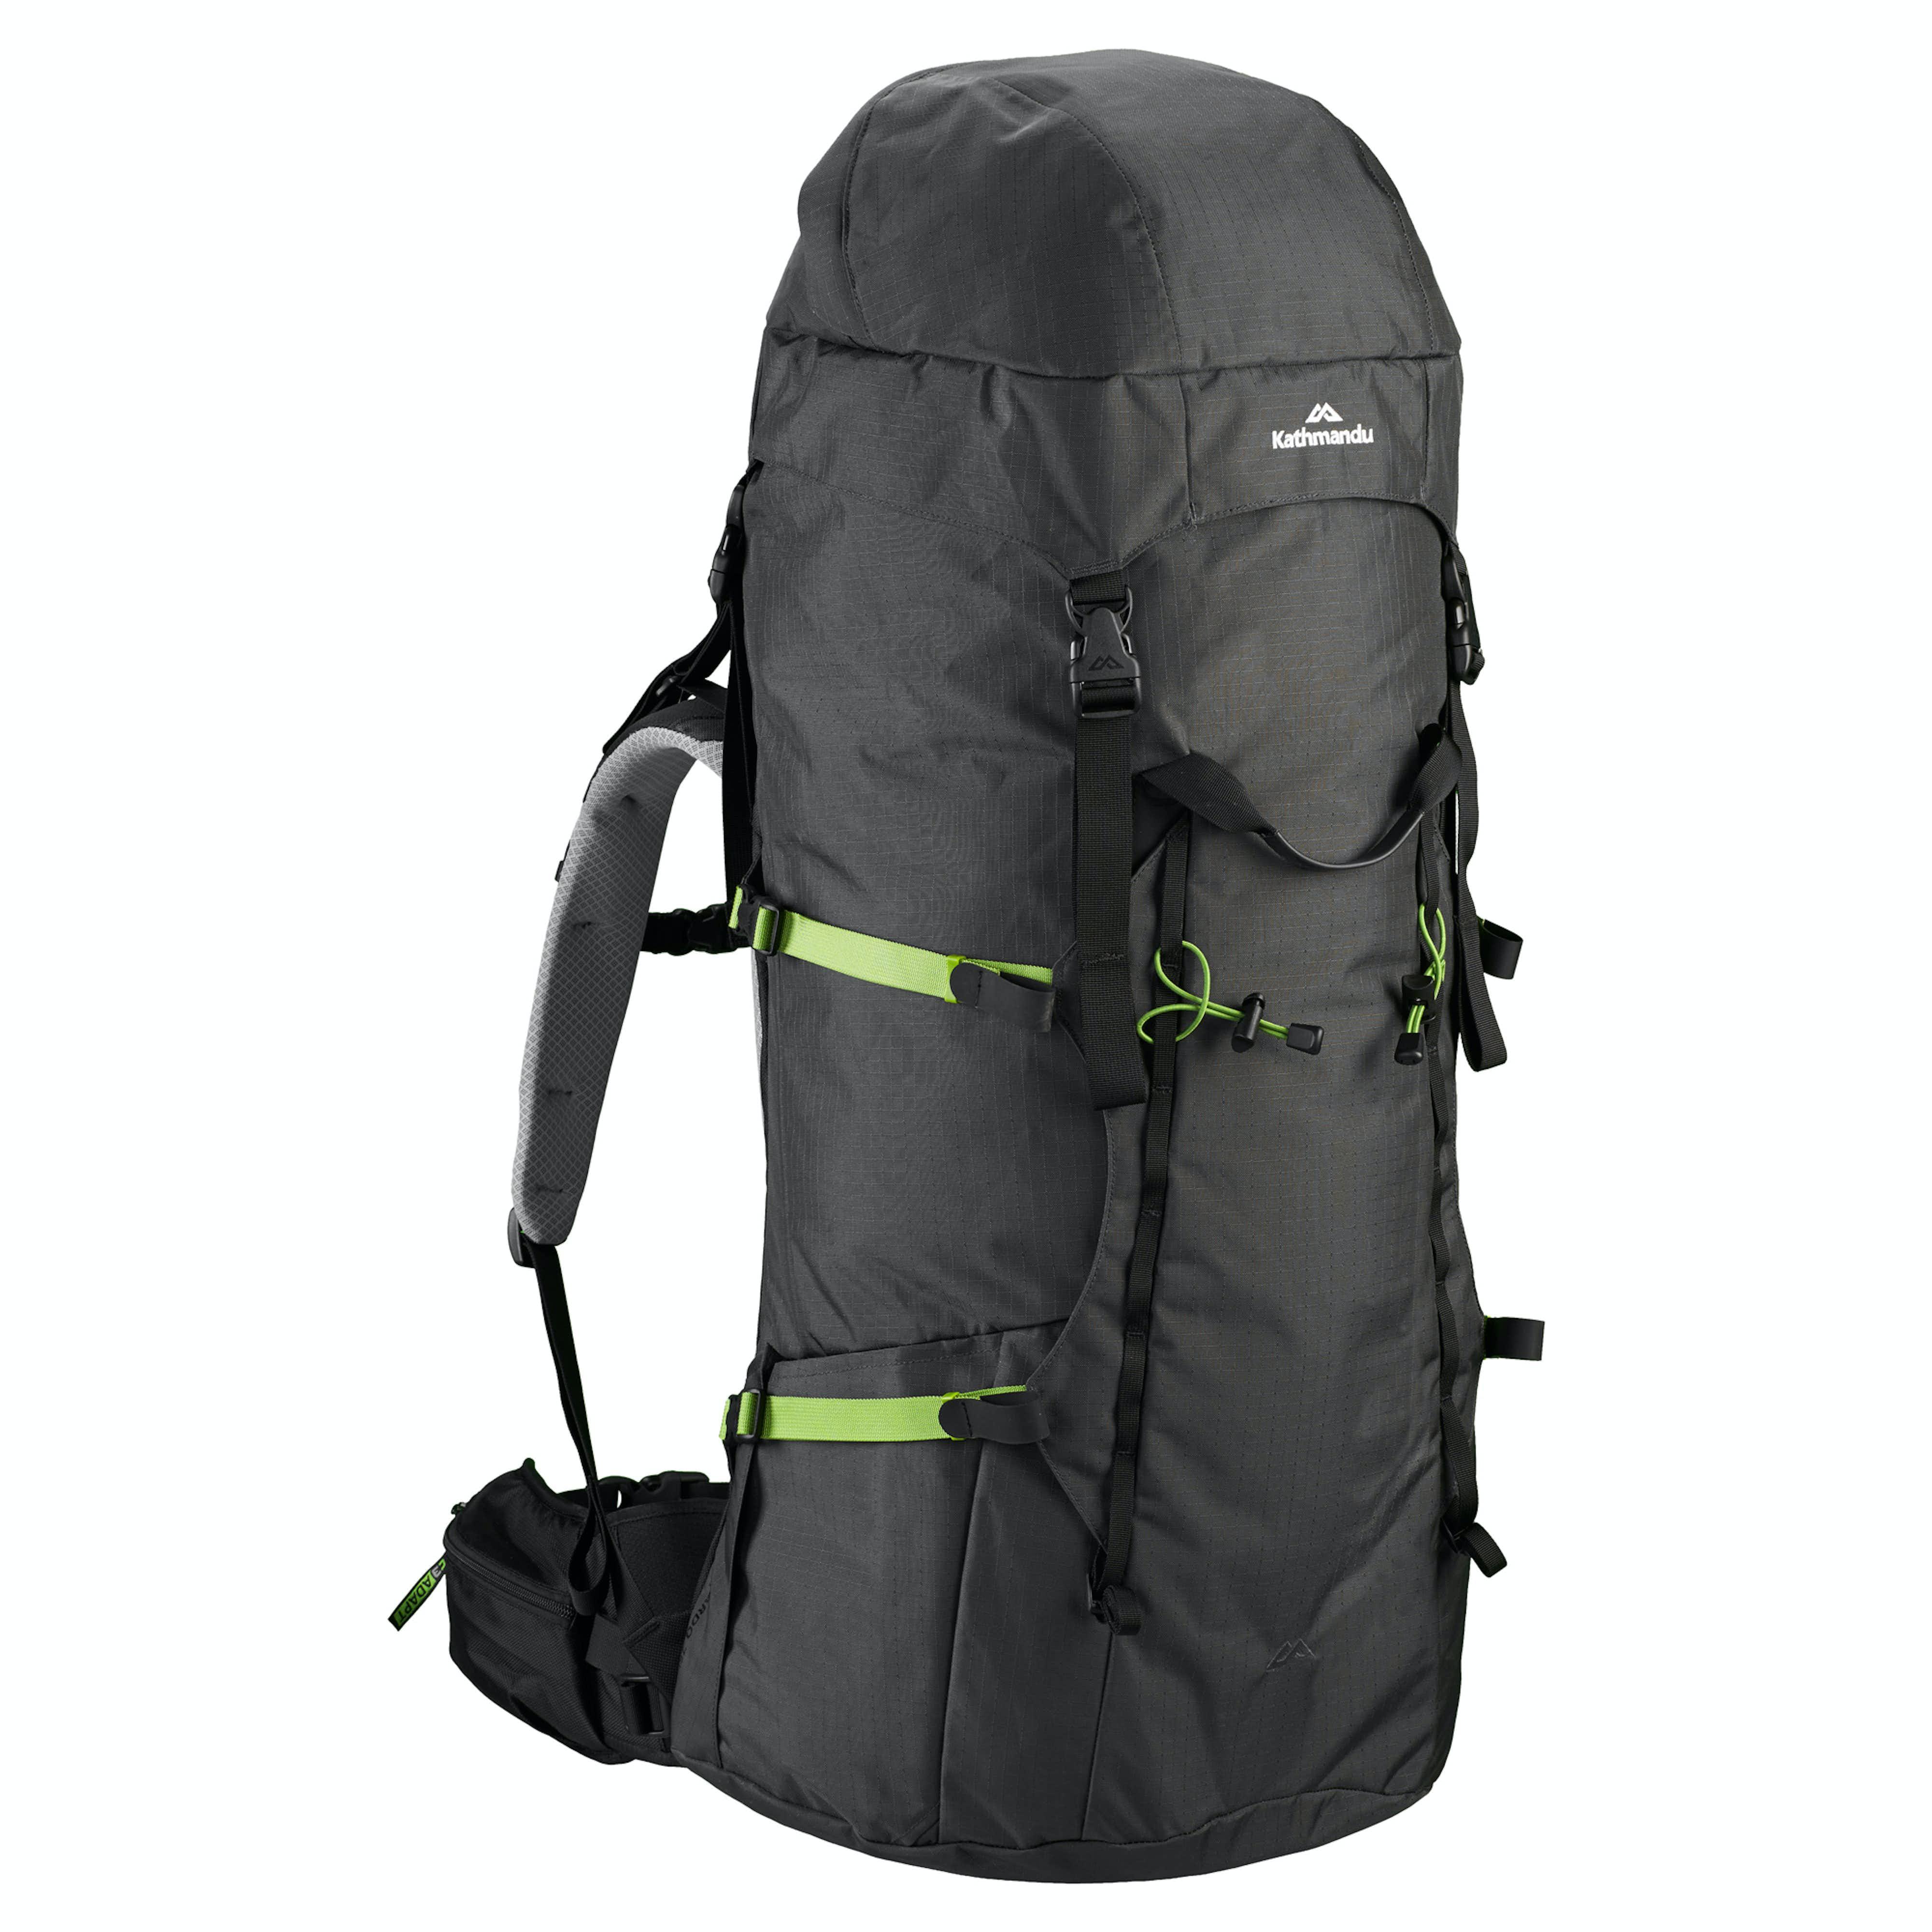 9f173c8d82a4 Vardo gridTECH 75L Backpack v2 - Granite